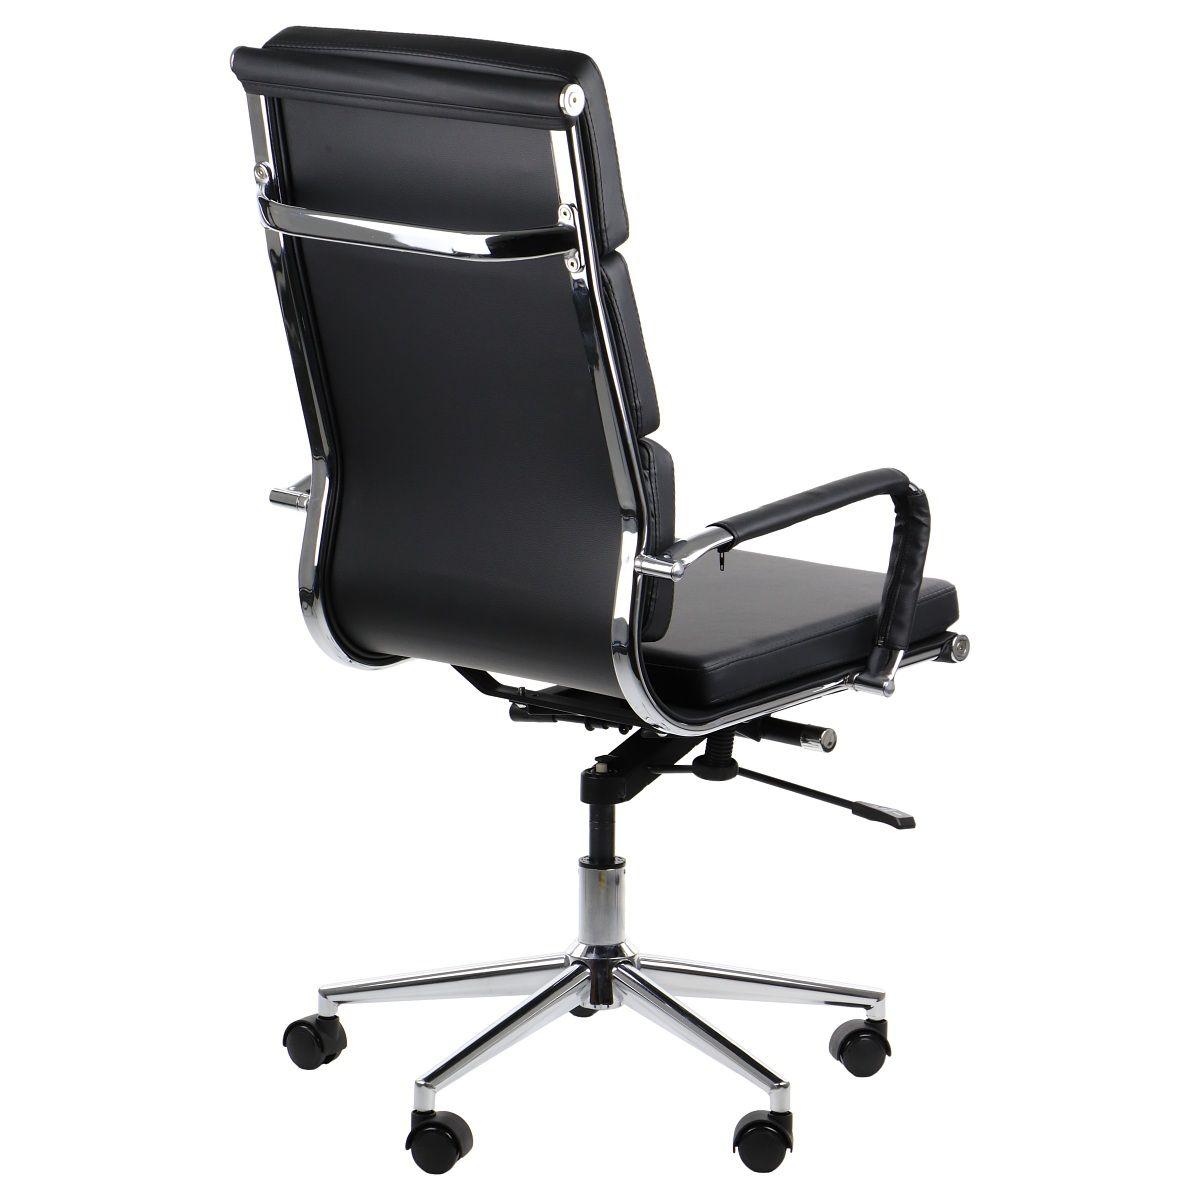 Fotel biurowy VALERA - tył oparcia